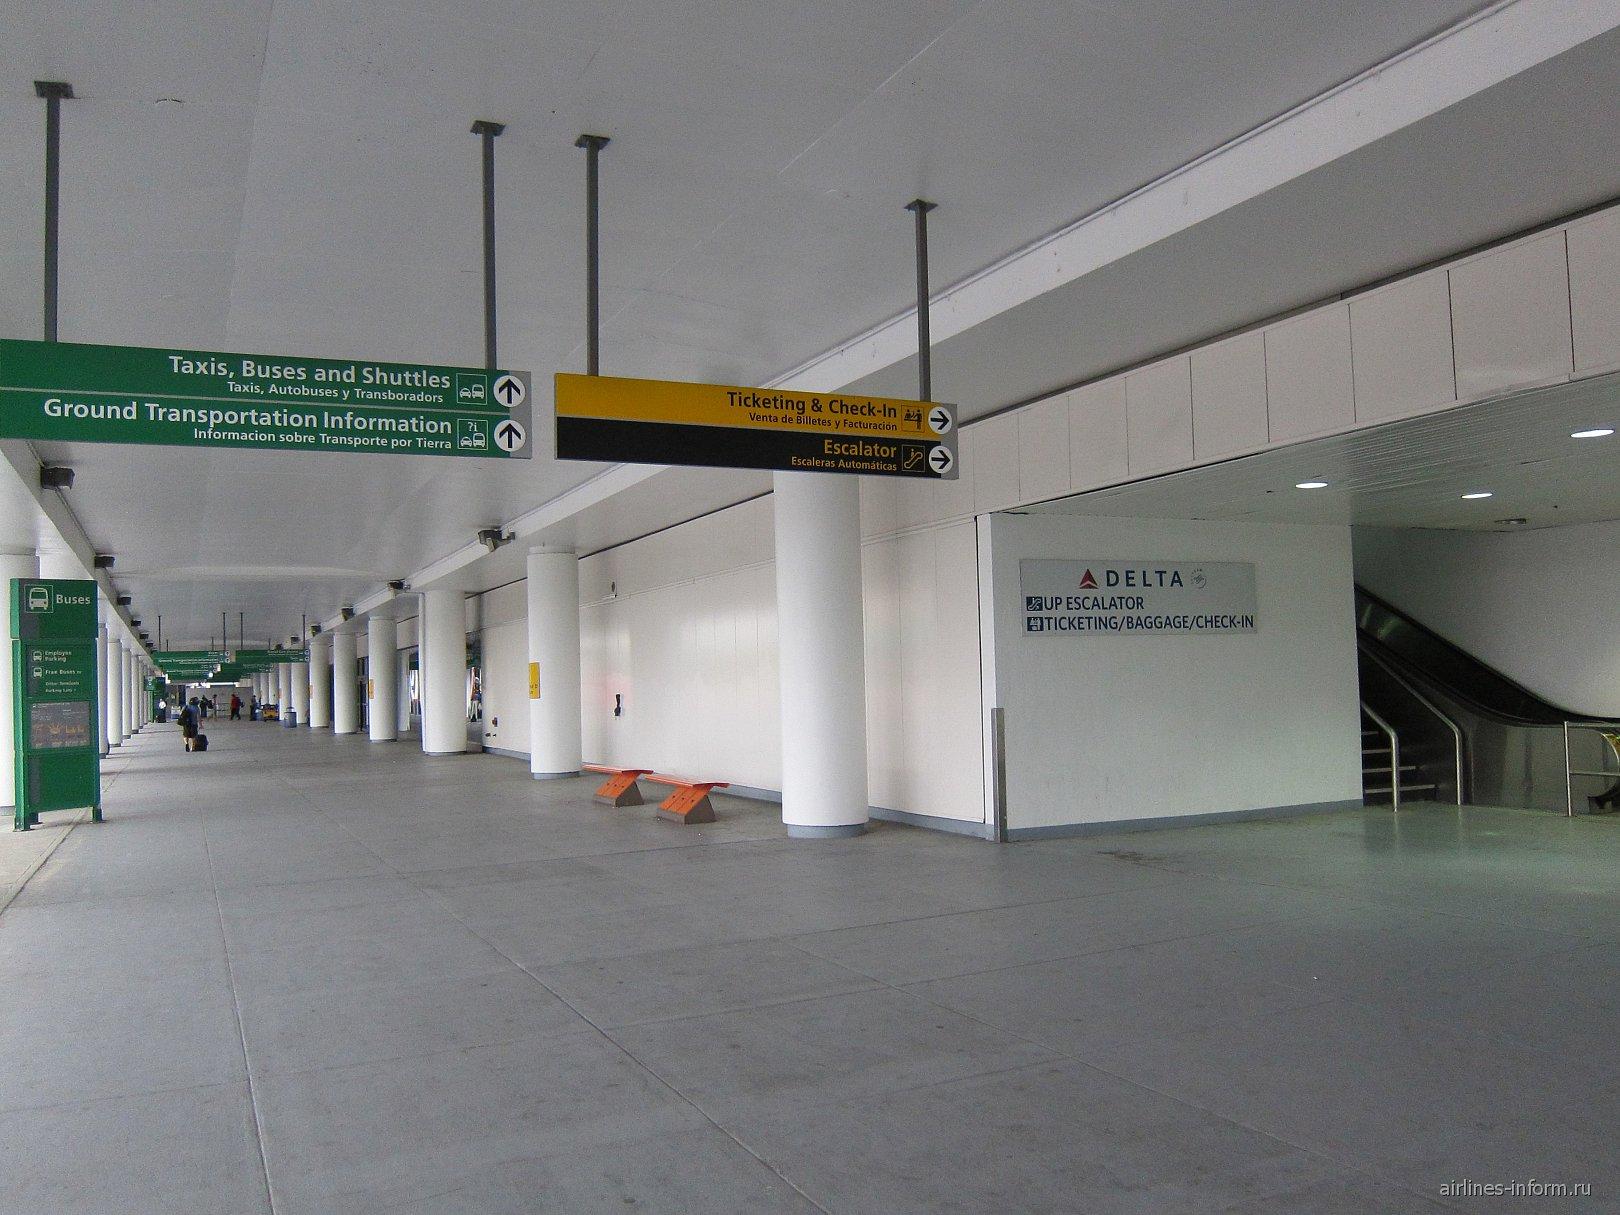 Первый этаж терминала D аэропорта Нью-Йорк Ла-Гардия